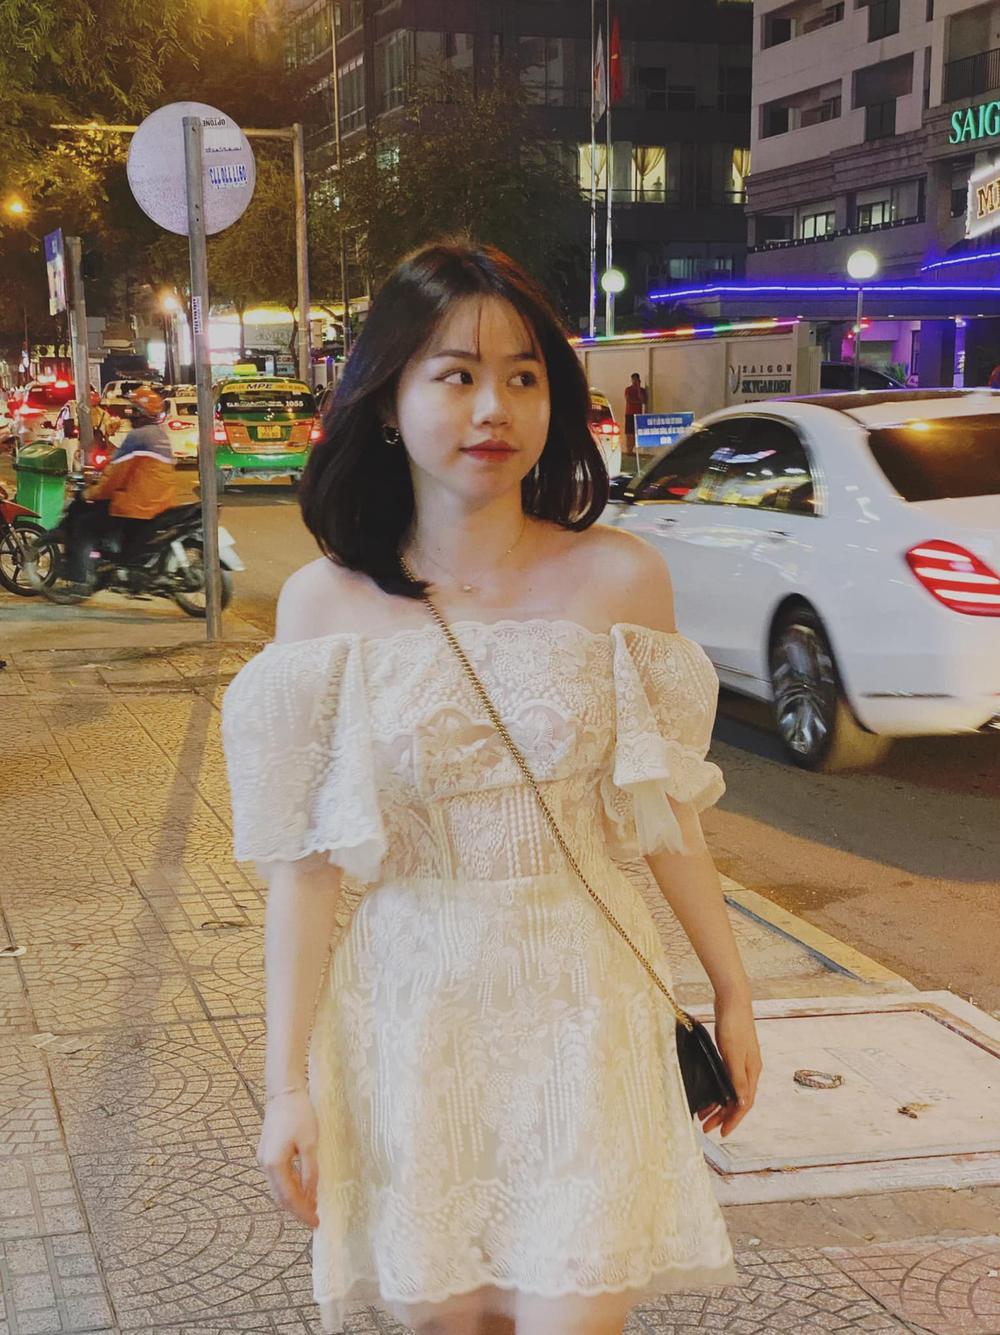 Huỳnh Anh- bạn gái cũ Quang Hải cấp tốc giảm cân bằng thực đơn không ai ngờ Ảnh 9